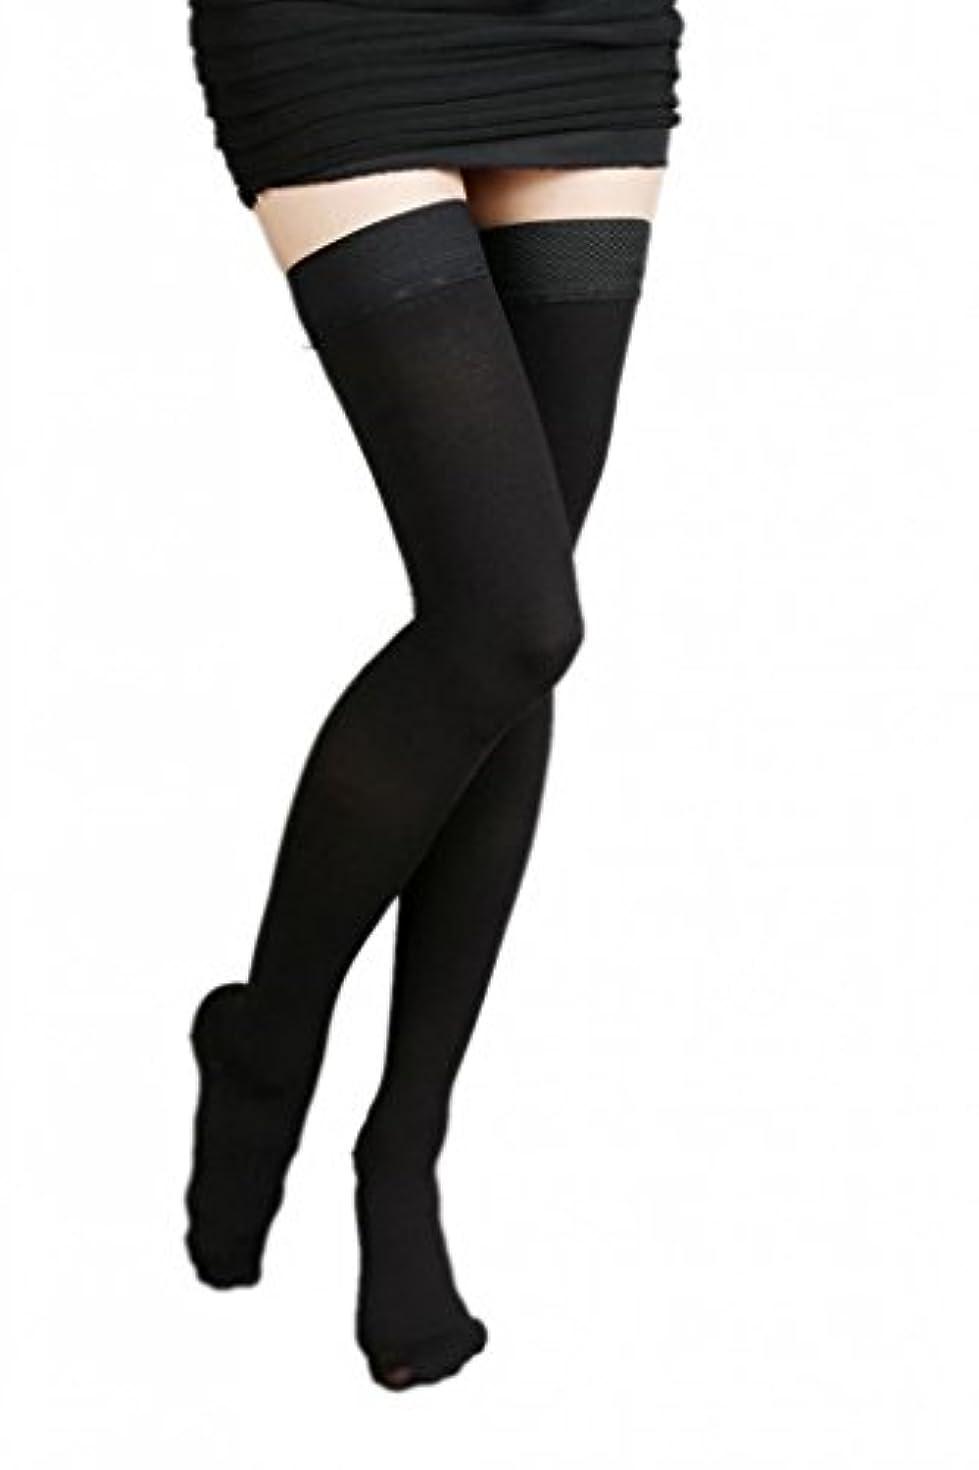 人種試験小麦粉(ラボーグ)La Vogue 美脚 着圧オーバーニーソックス ハイソックス 靴下 弾性ストッキング つま先あり着圧ソックス M 1級低圧 黒色